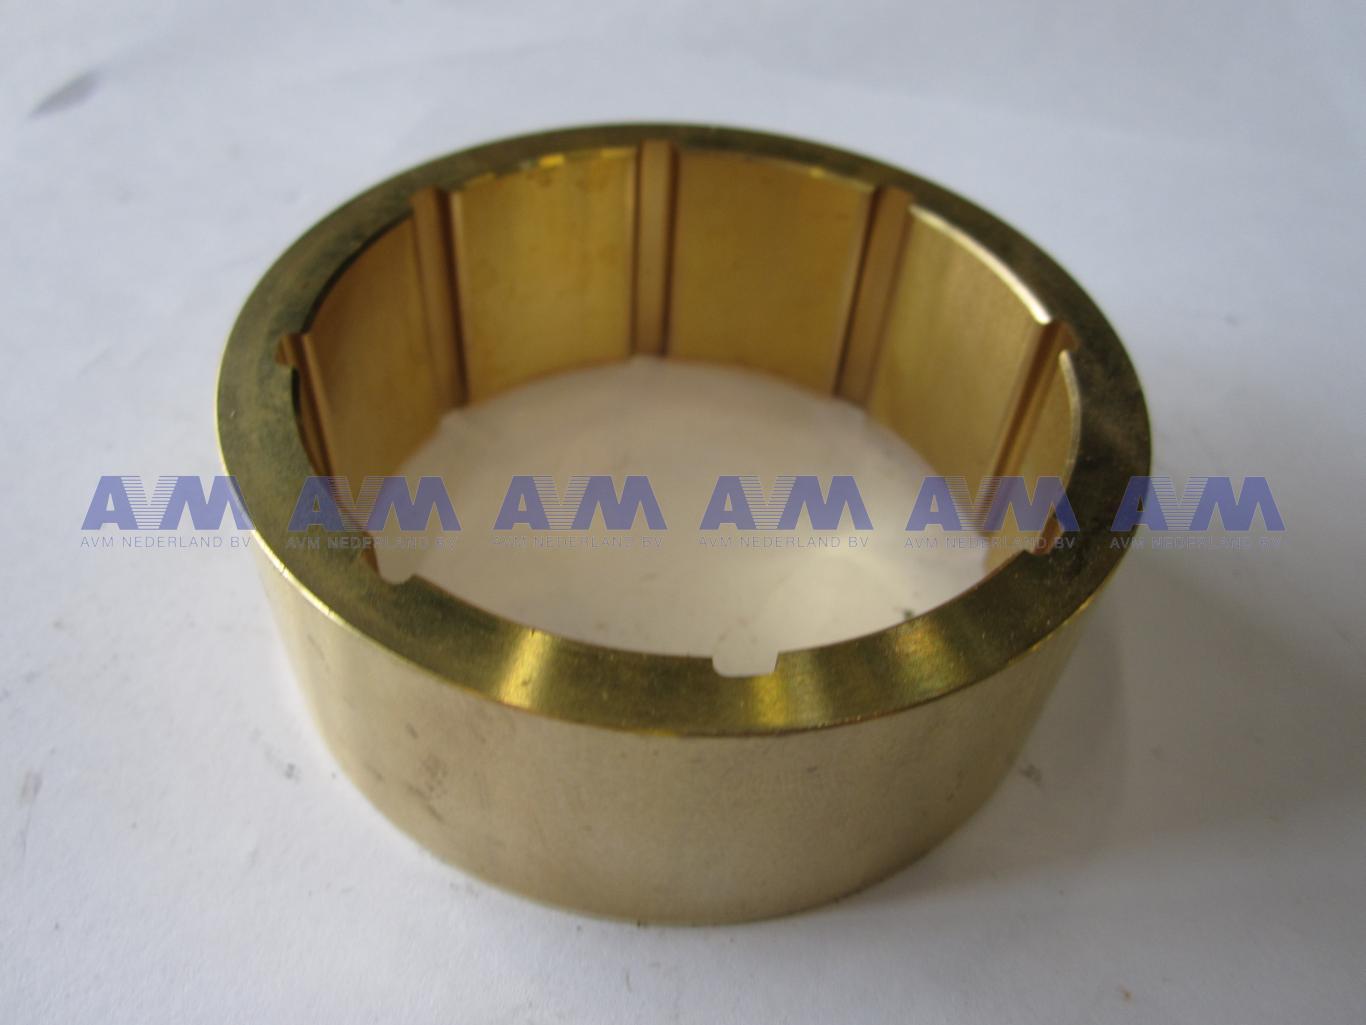 Lagerbus brons 771050 Demag